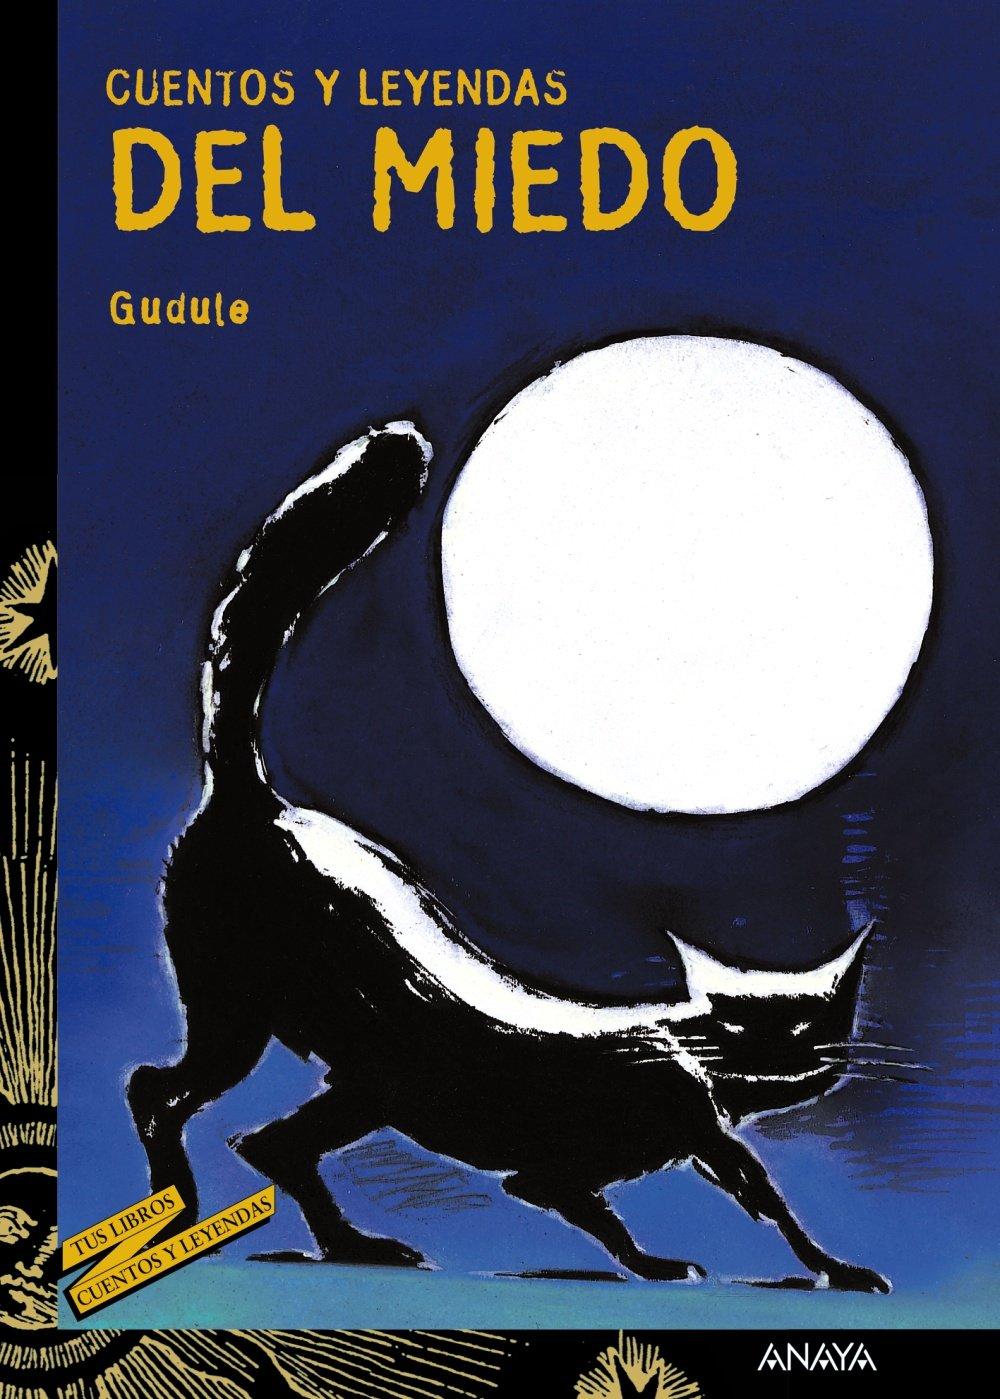 Cuentos y leyendas del miedo Literatura Juvenil A Partir De 12 Años - Cuentos Y Leyendas: Amazon.es: Gudule, Tino Gatagán: Libros